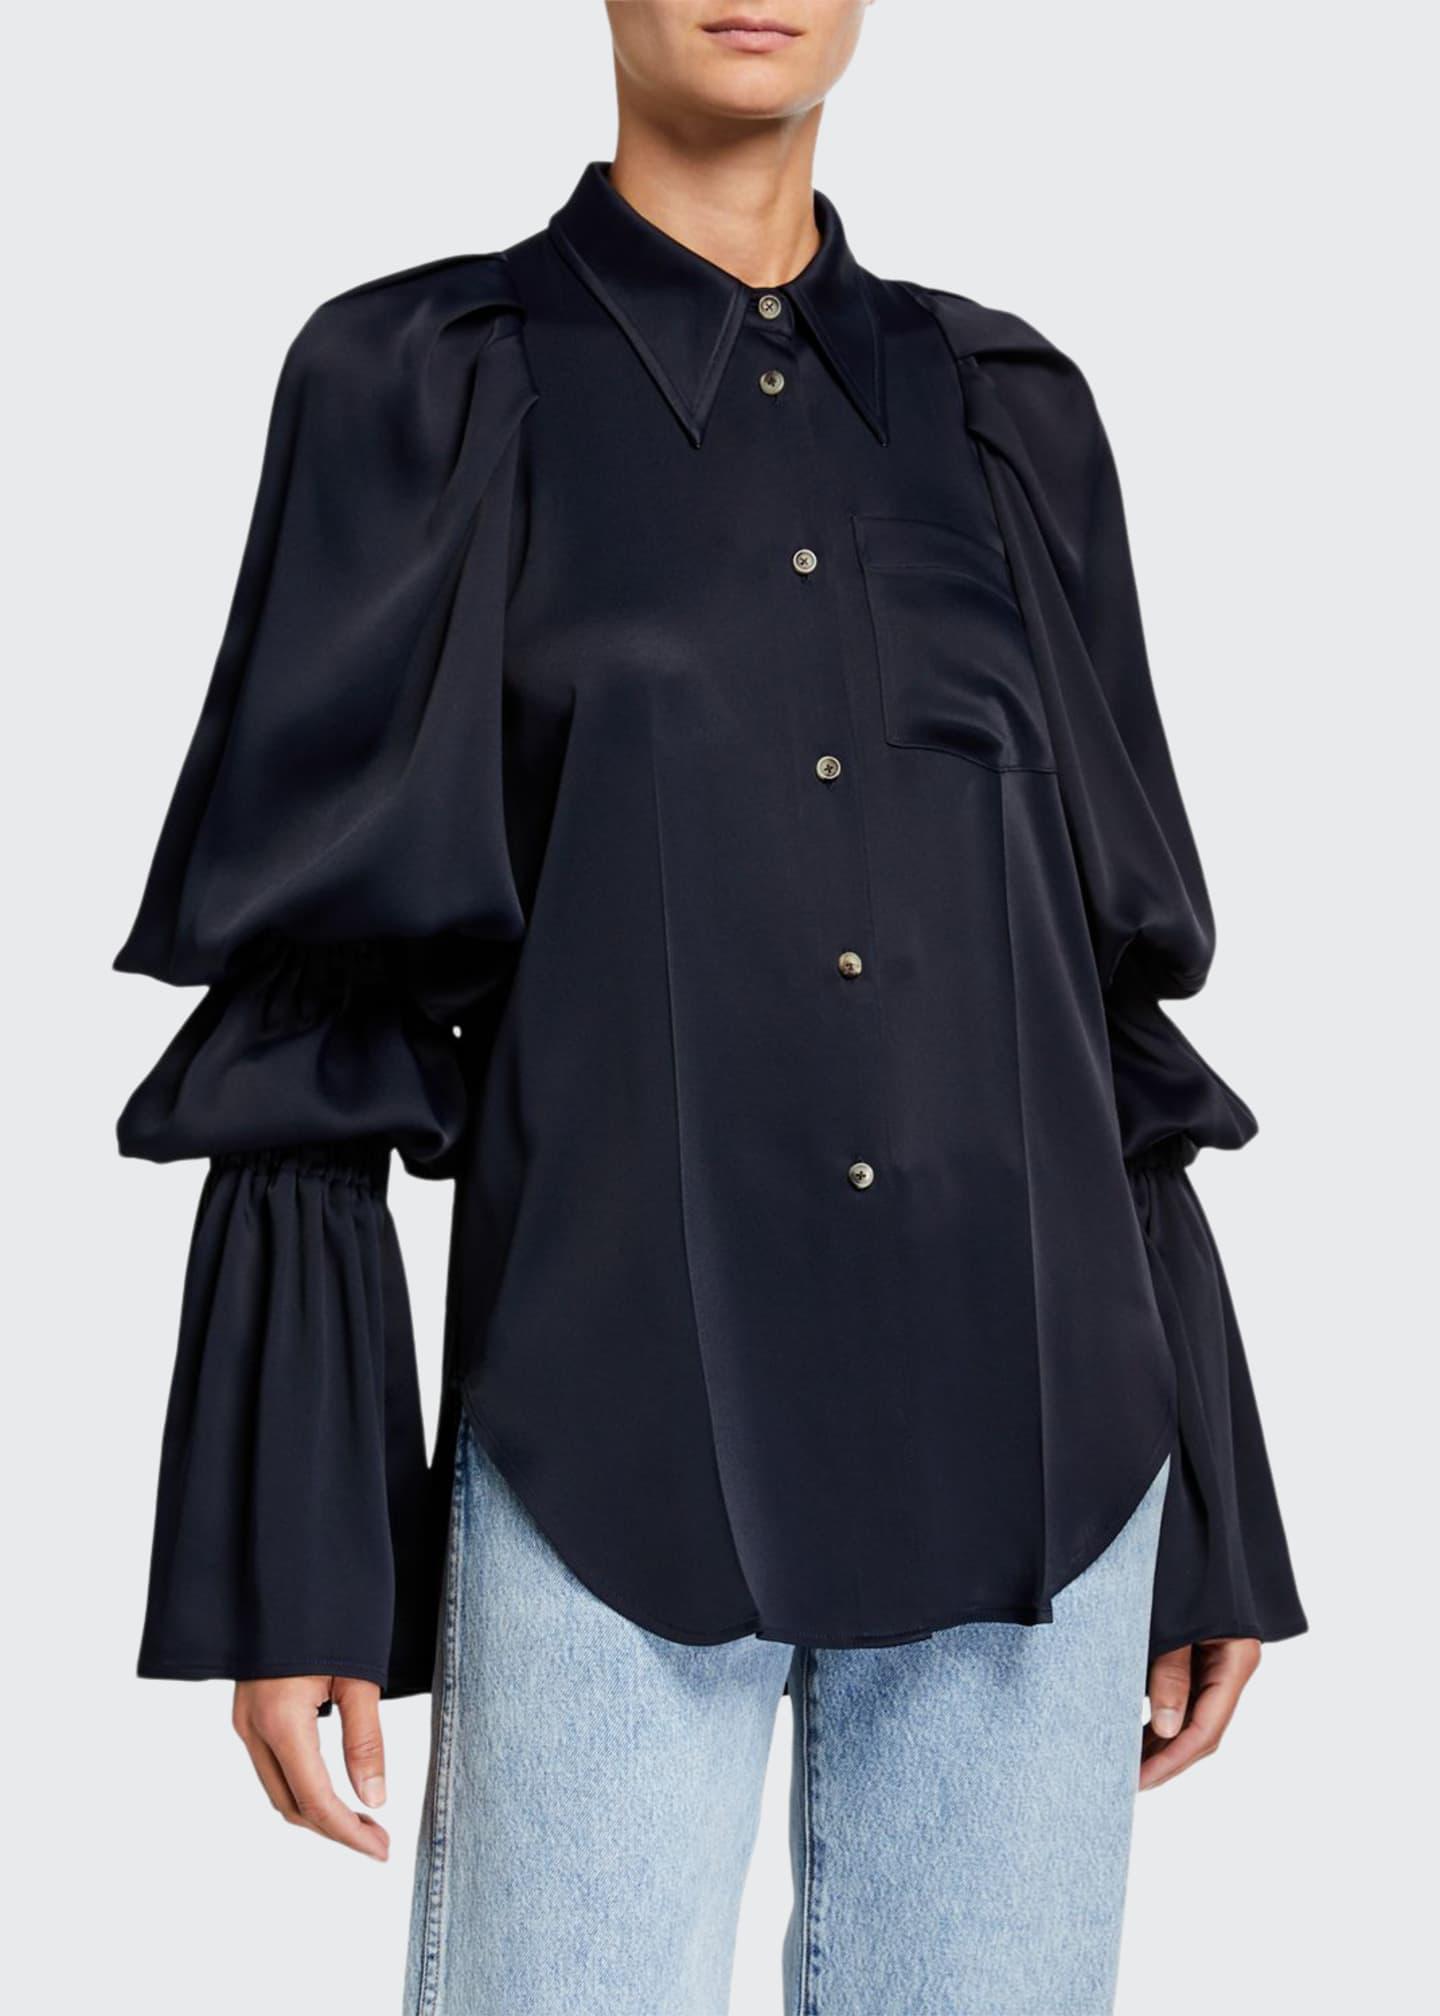 Khaite Leith Satin Tiered-Sleeve Shirt